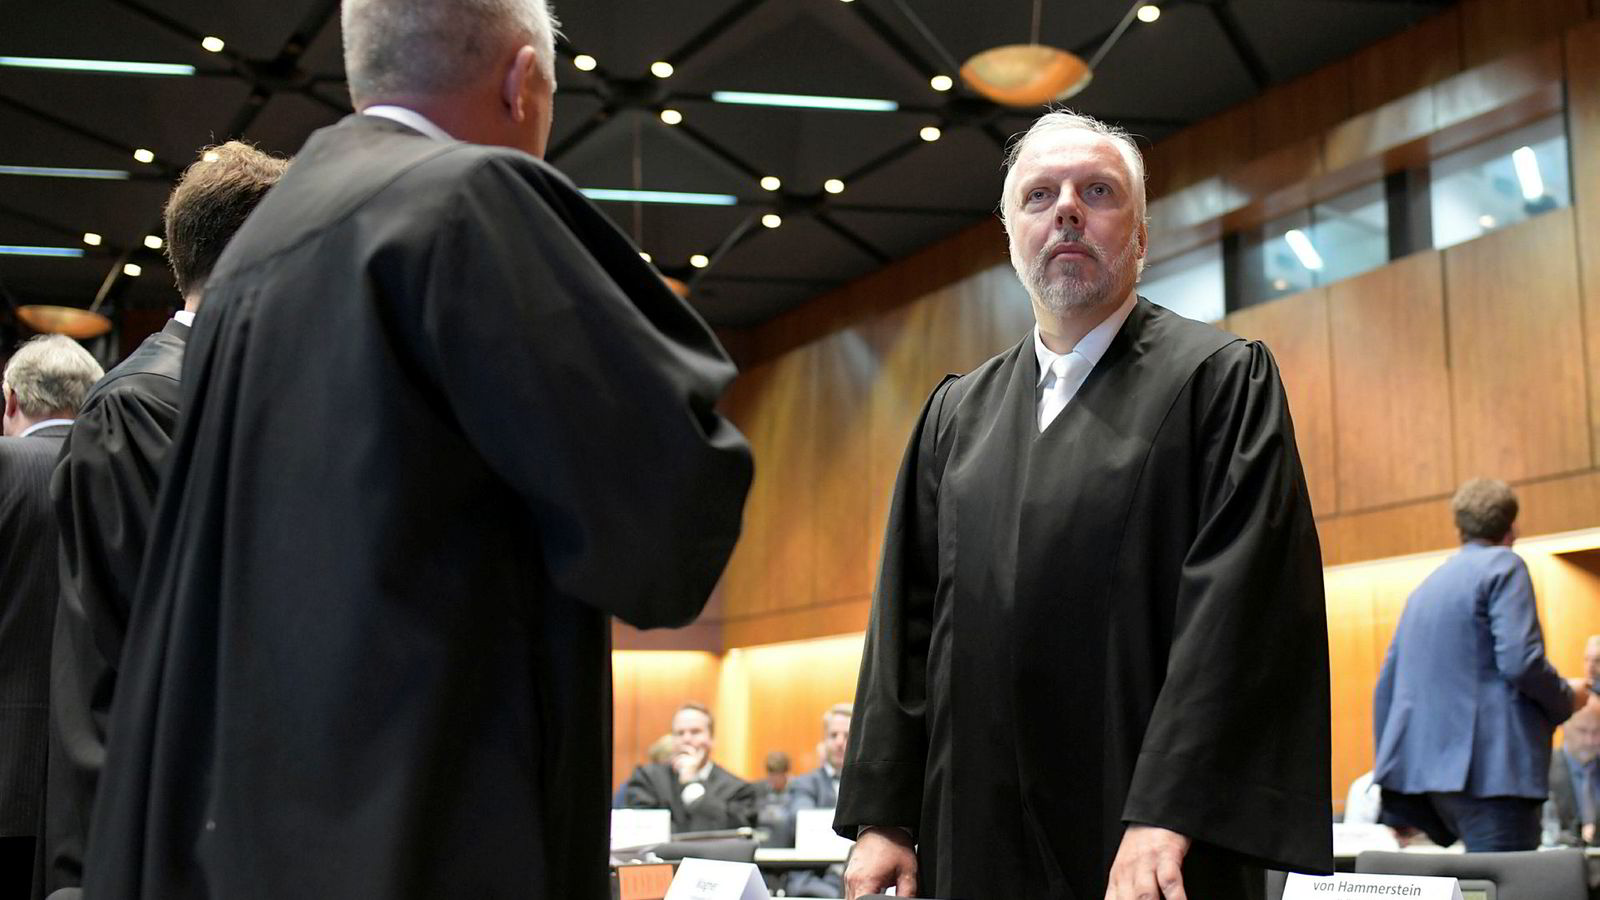 Advokat Markus Pfueller er en av rundt 50 advokater som håndterer saken for Volkswagen. Her fra første dag av rettssaken mandag.